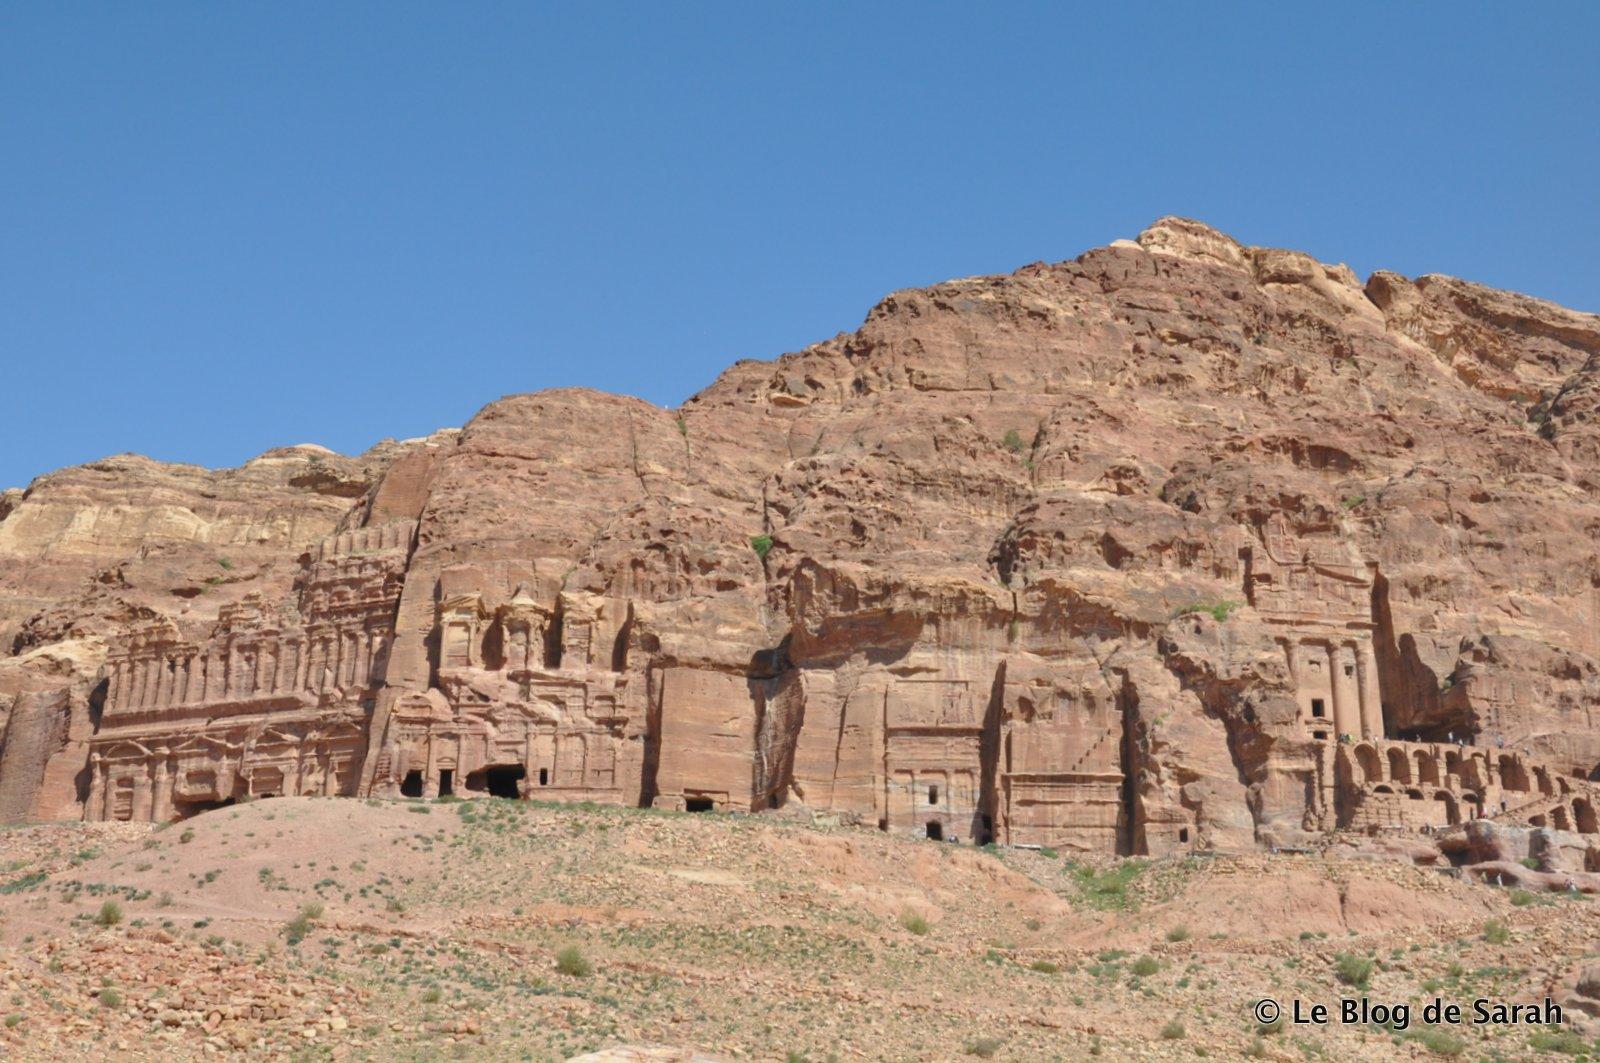 Tumbas nabateas talladas en los acantilados de Petra